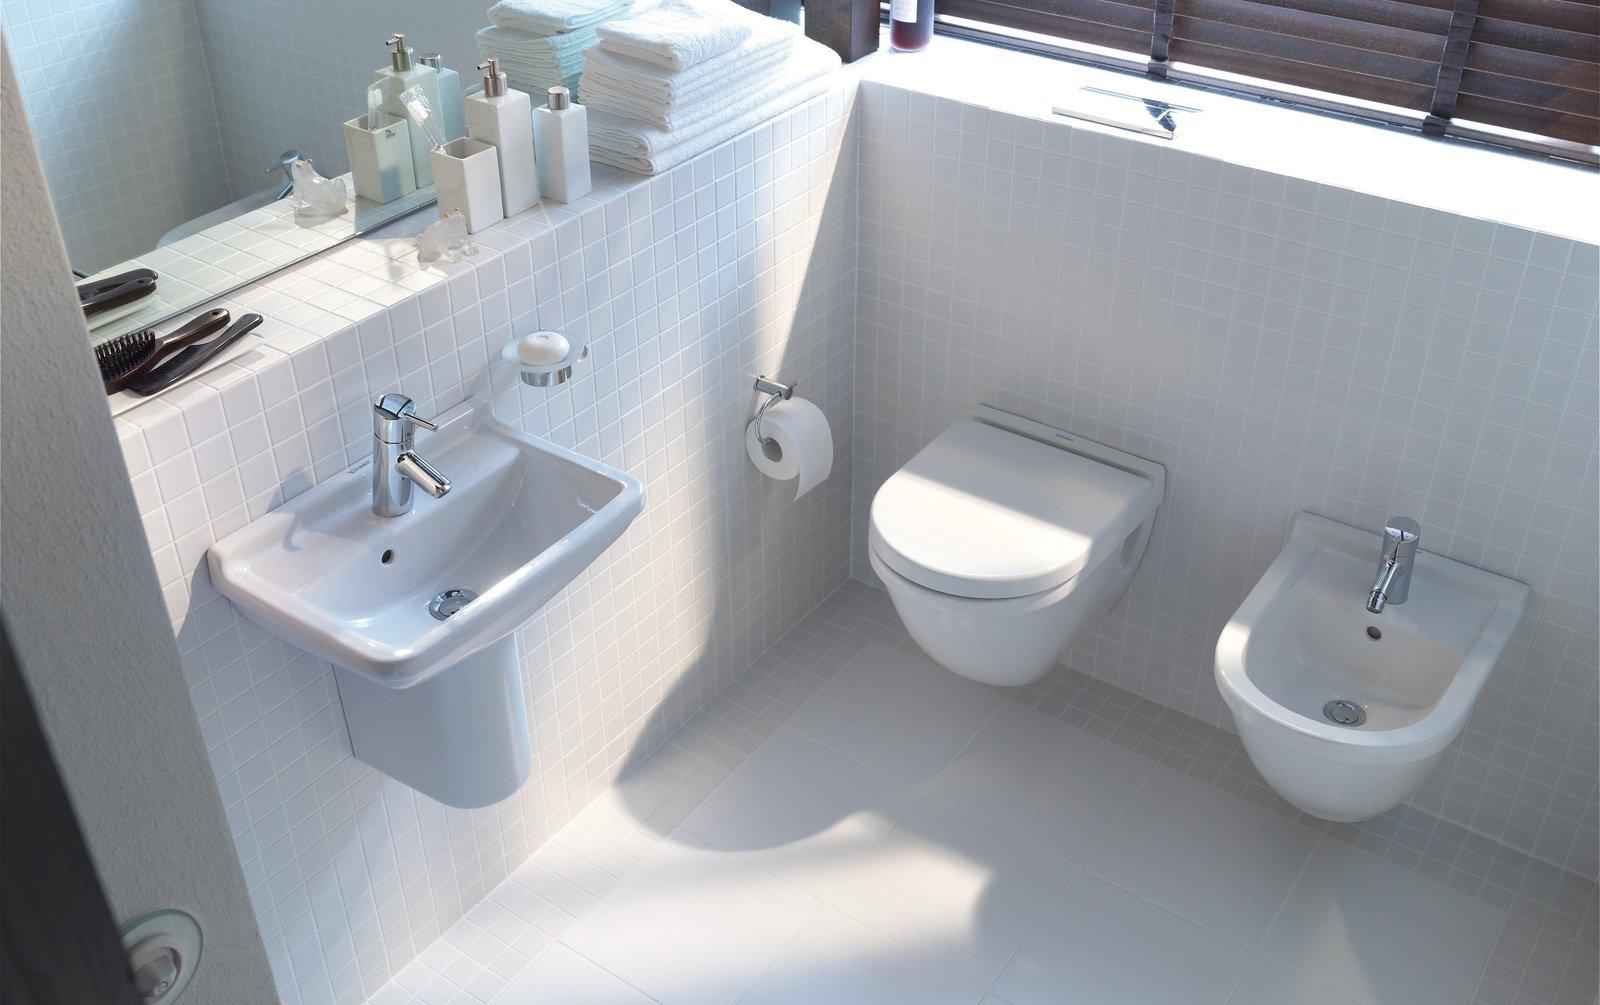 Ristrutturare il bagno: 10 informazioni utili - Cose di Casa